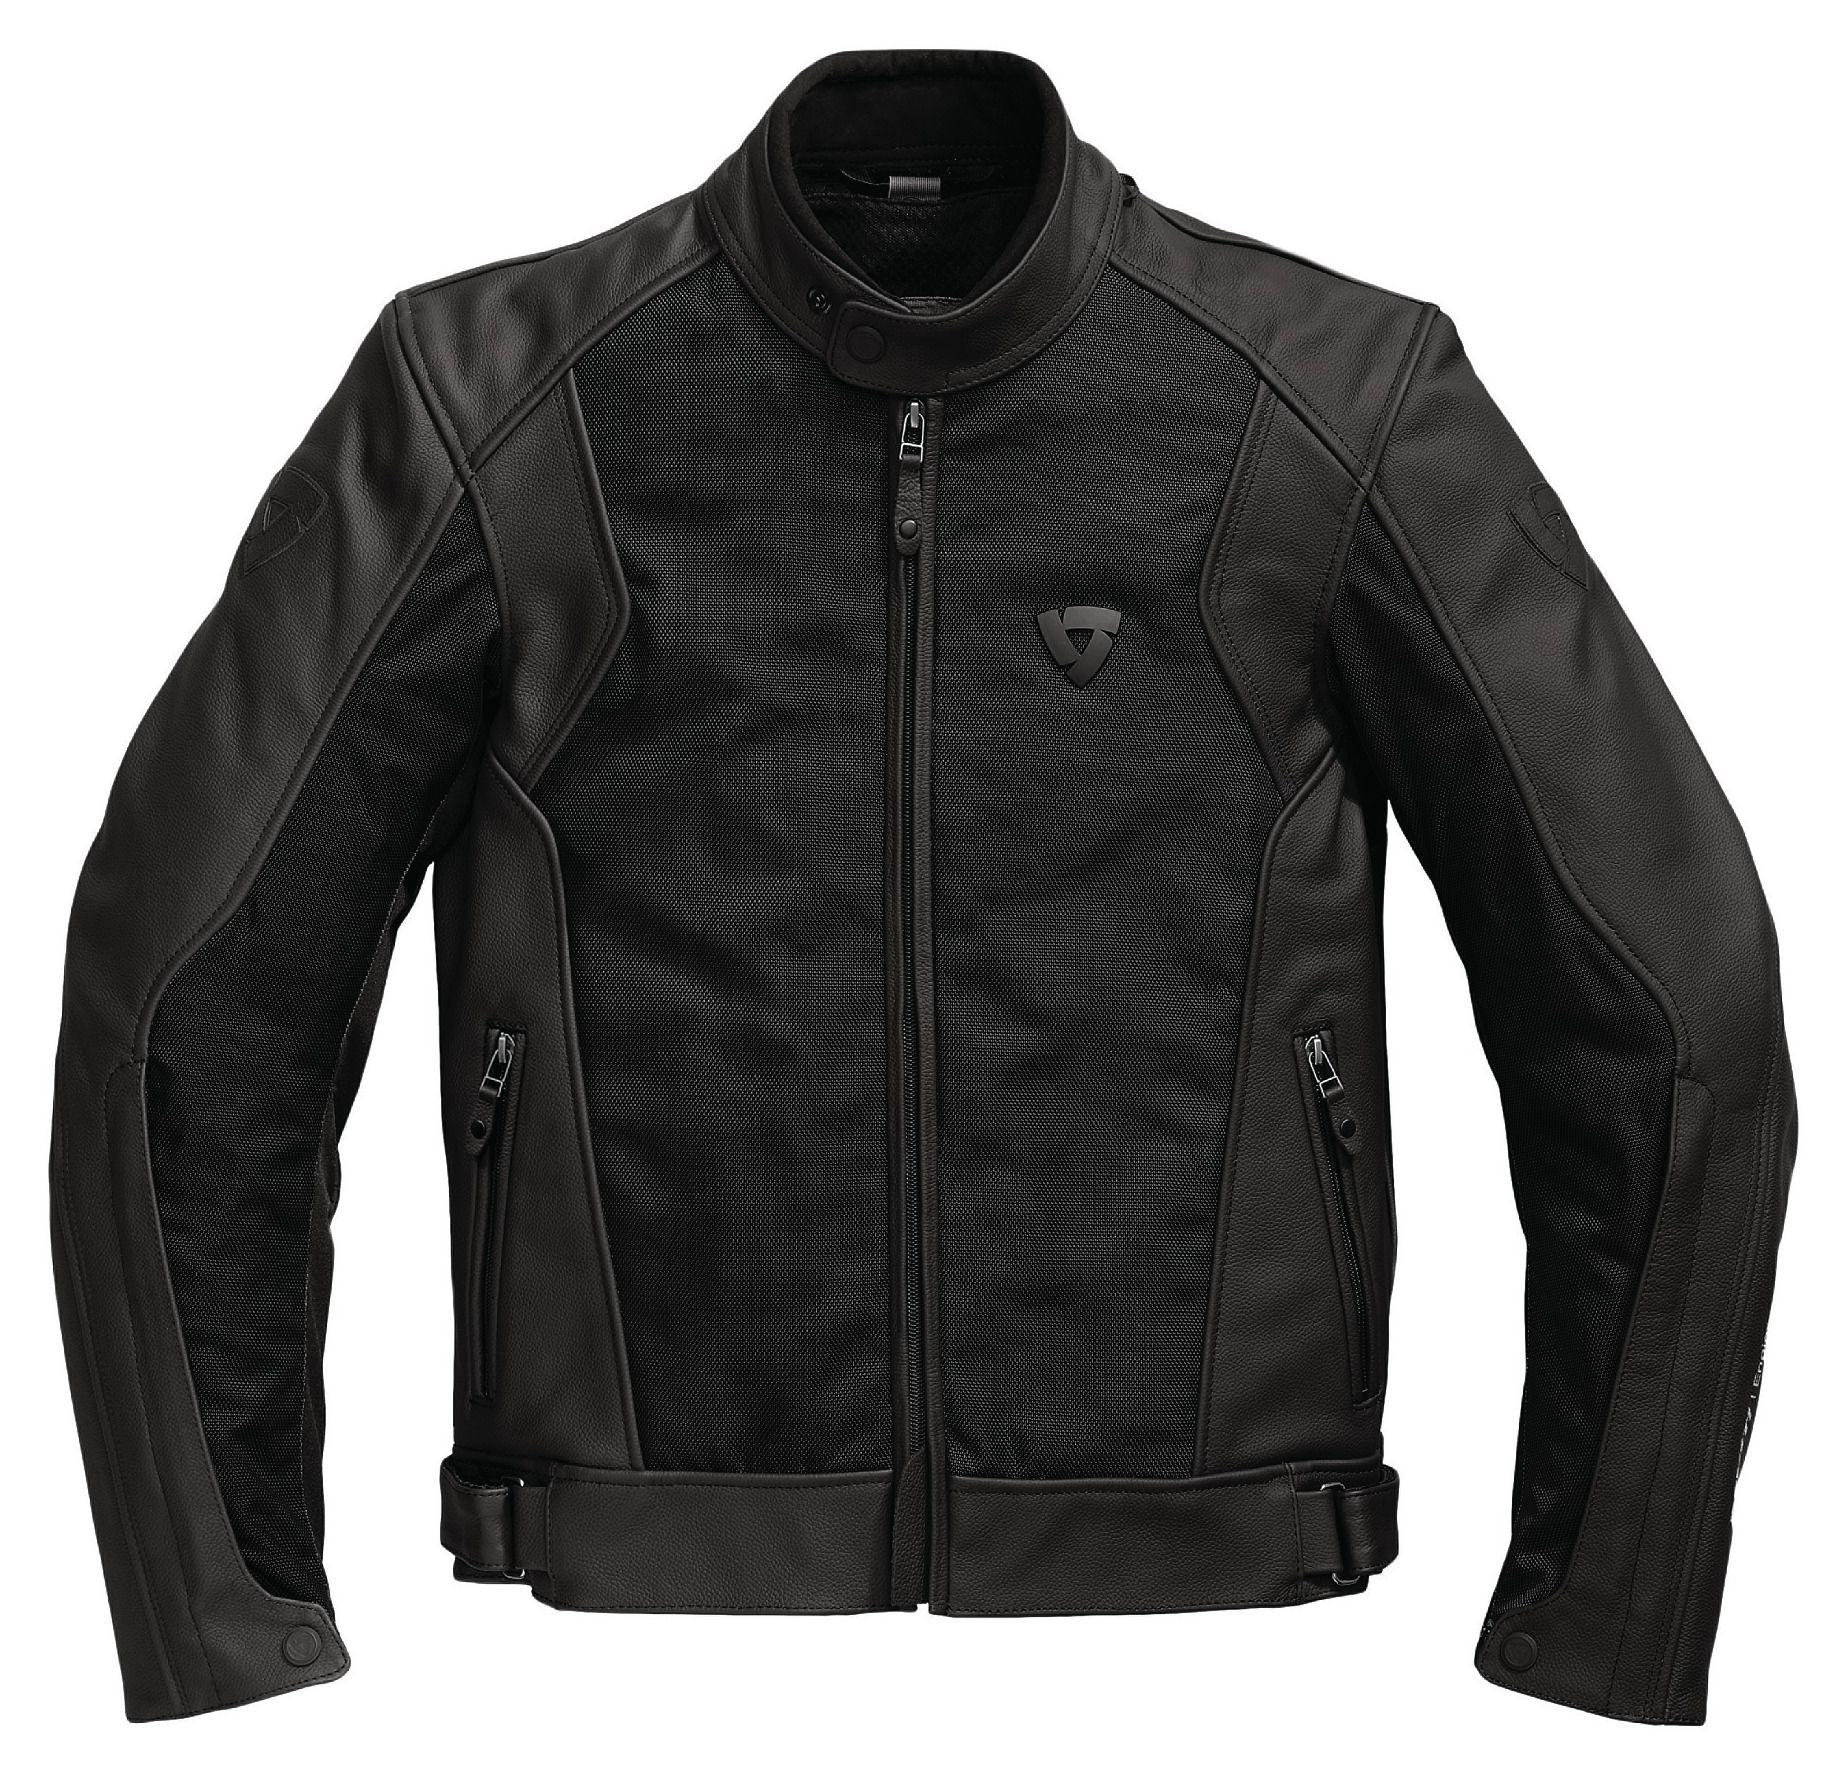 Leather jacket vs motorcycle jacket - Ignition 2 Jacket Revzilla